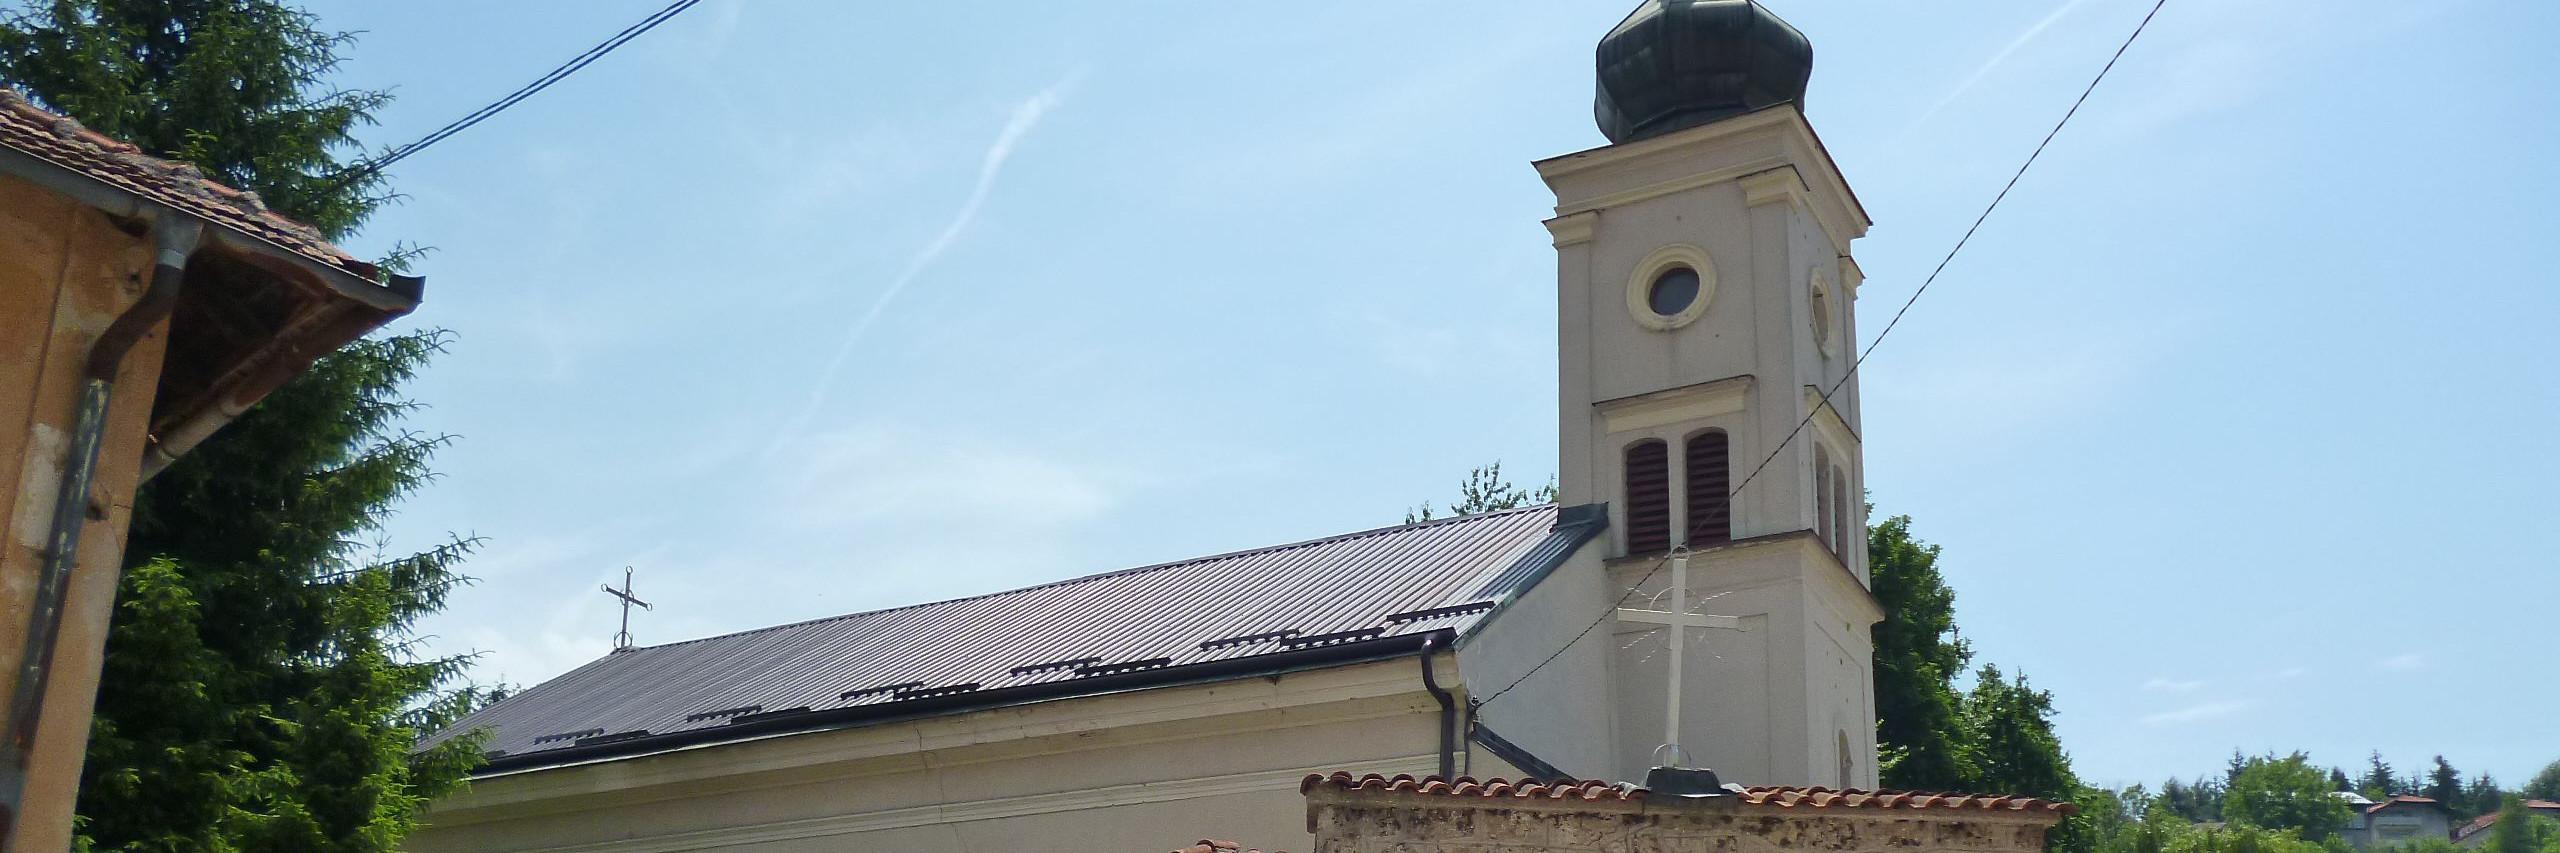 Церковь Успения Пресвятой Богородицы в Травнике